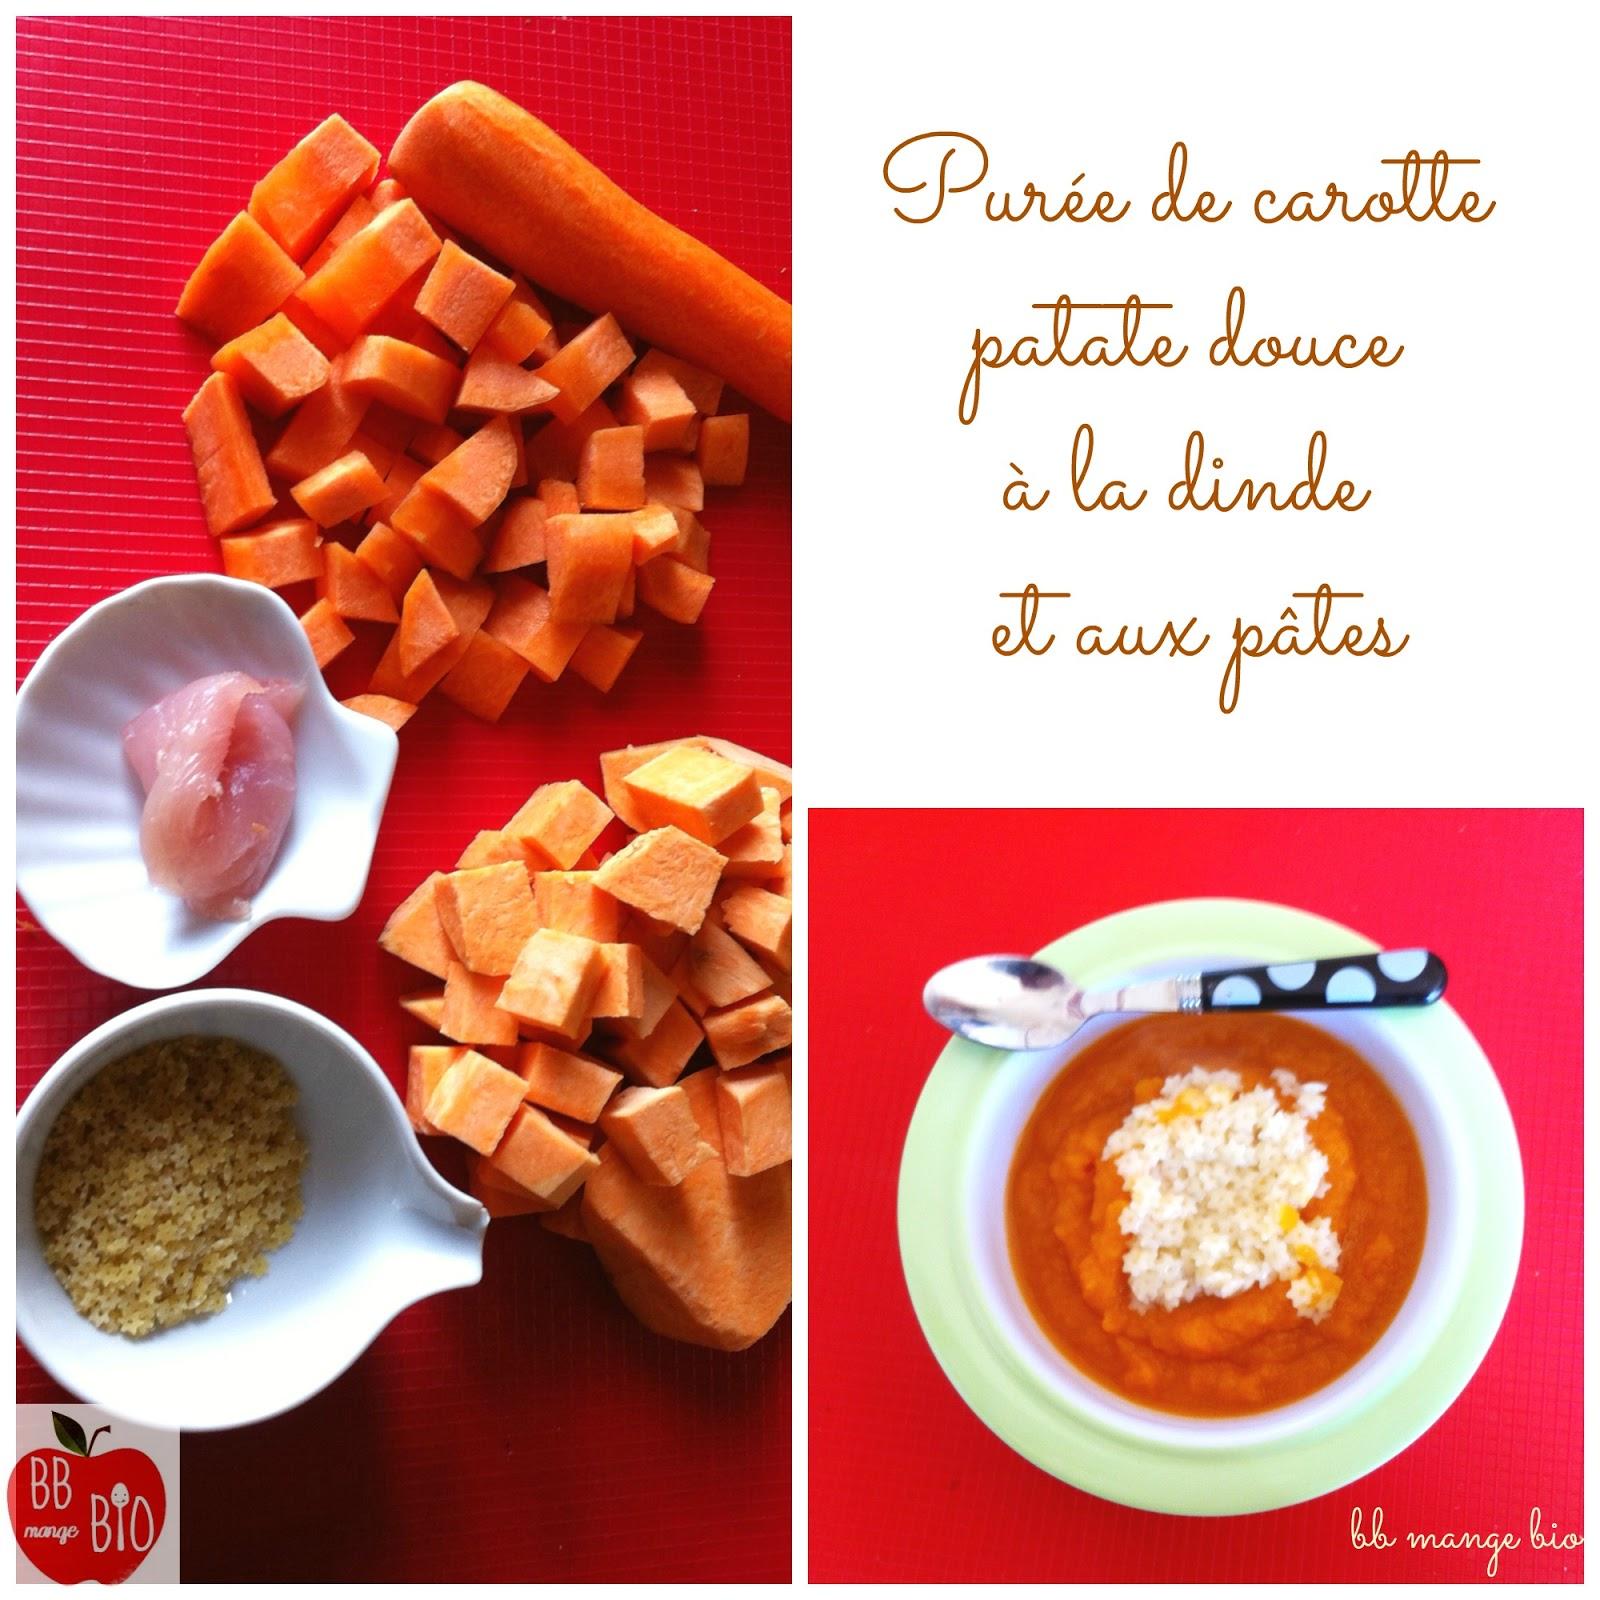 BB mange bio recette de Purée de carottes, patate douce à la dinde et aux pâtes